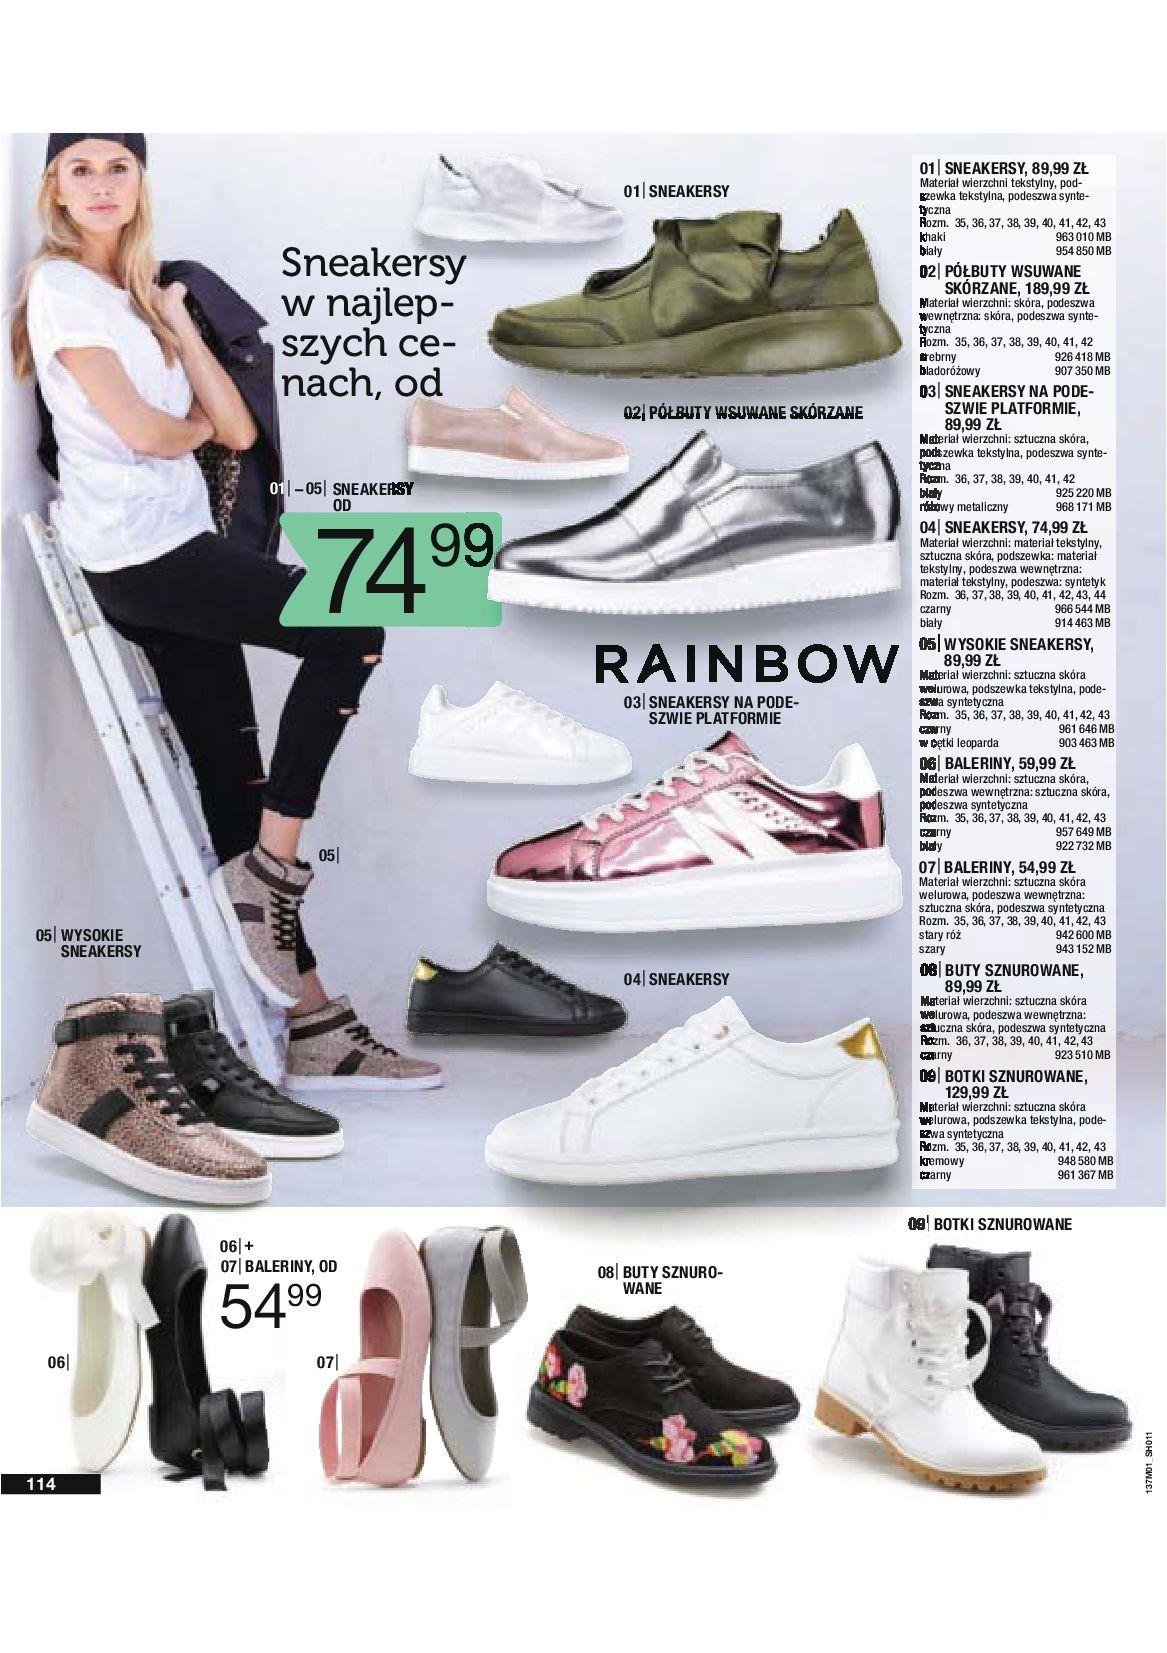 Gazetka Bonprix - Radosne i intensywne kolory na nowy sezon-31.12.2017-31.05.2018-page-116